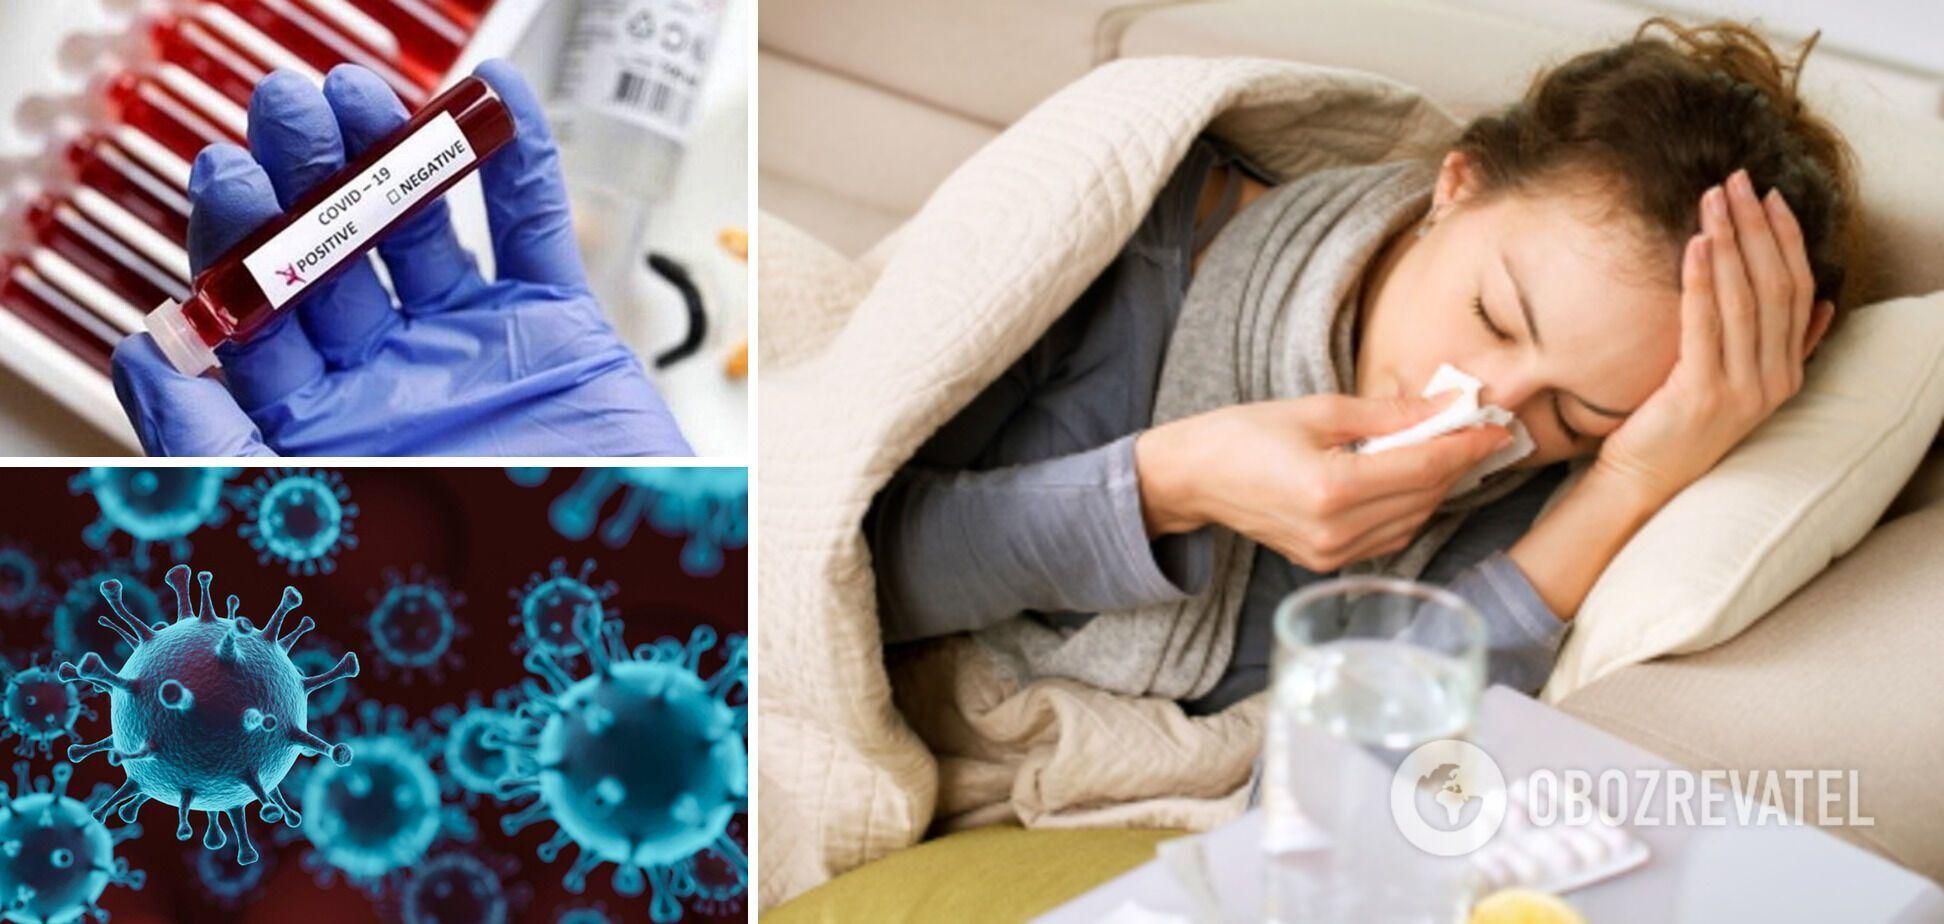 Лікар розповів, як відрізнити симптоми COVID-19 від інших ГРВІ та коли потрібно звертатися до медиків